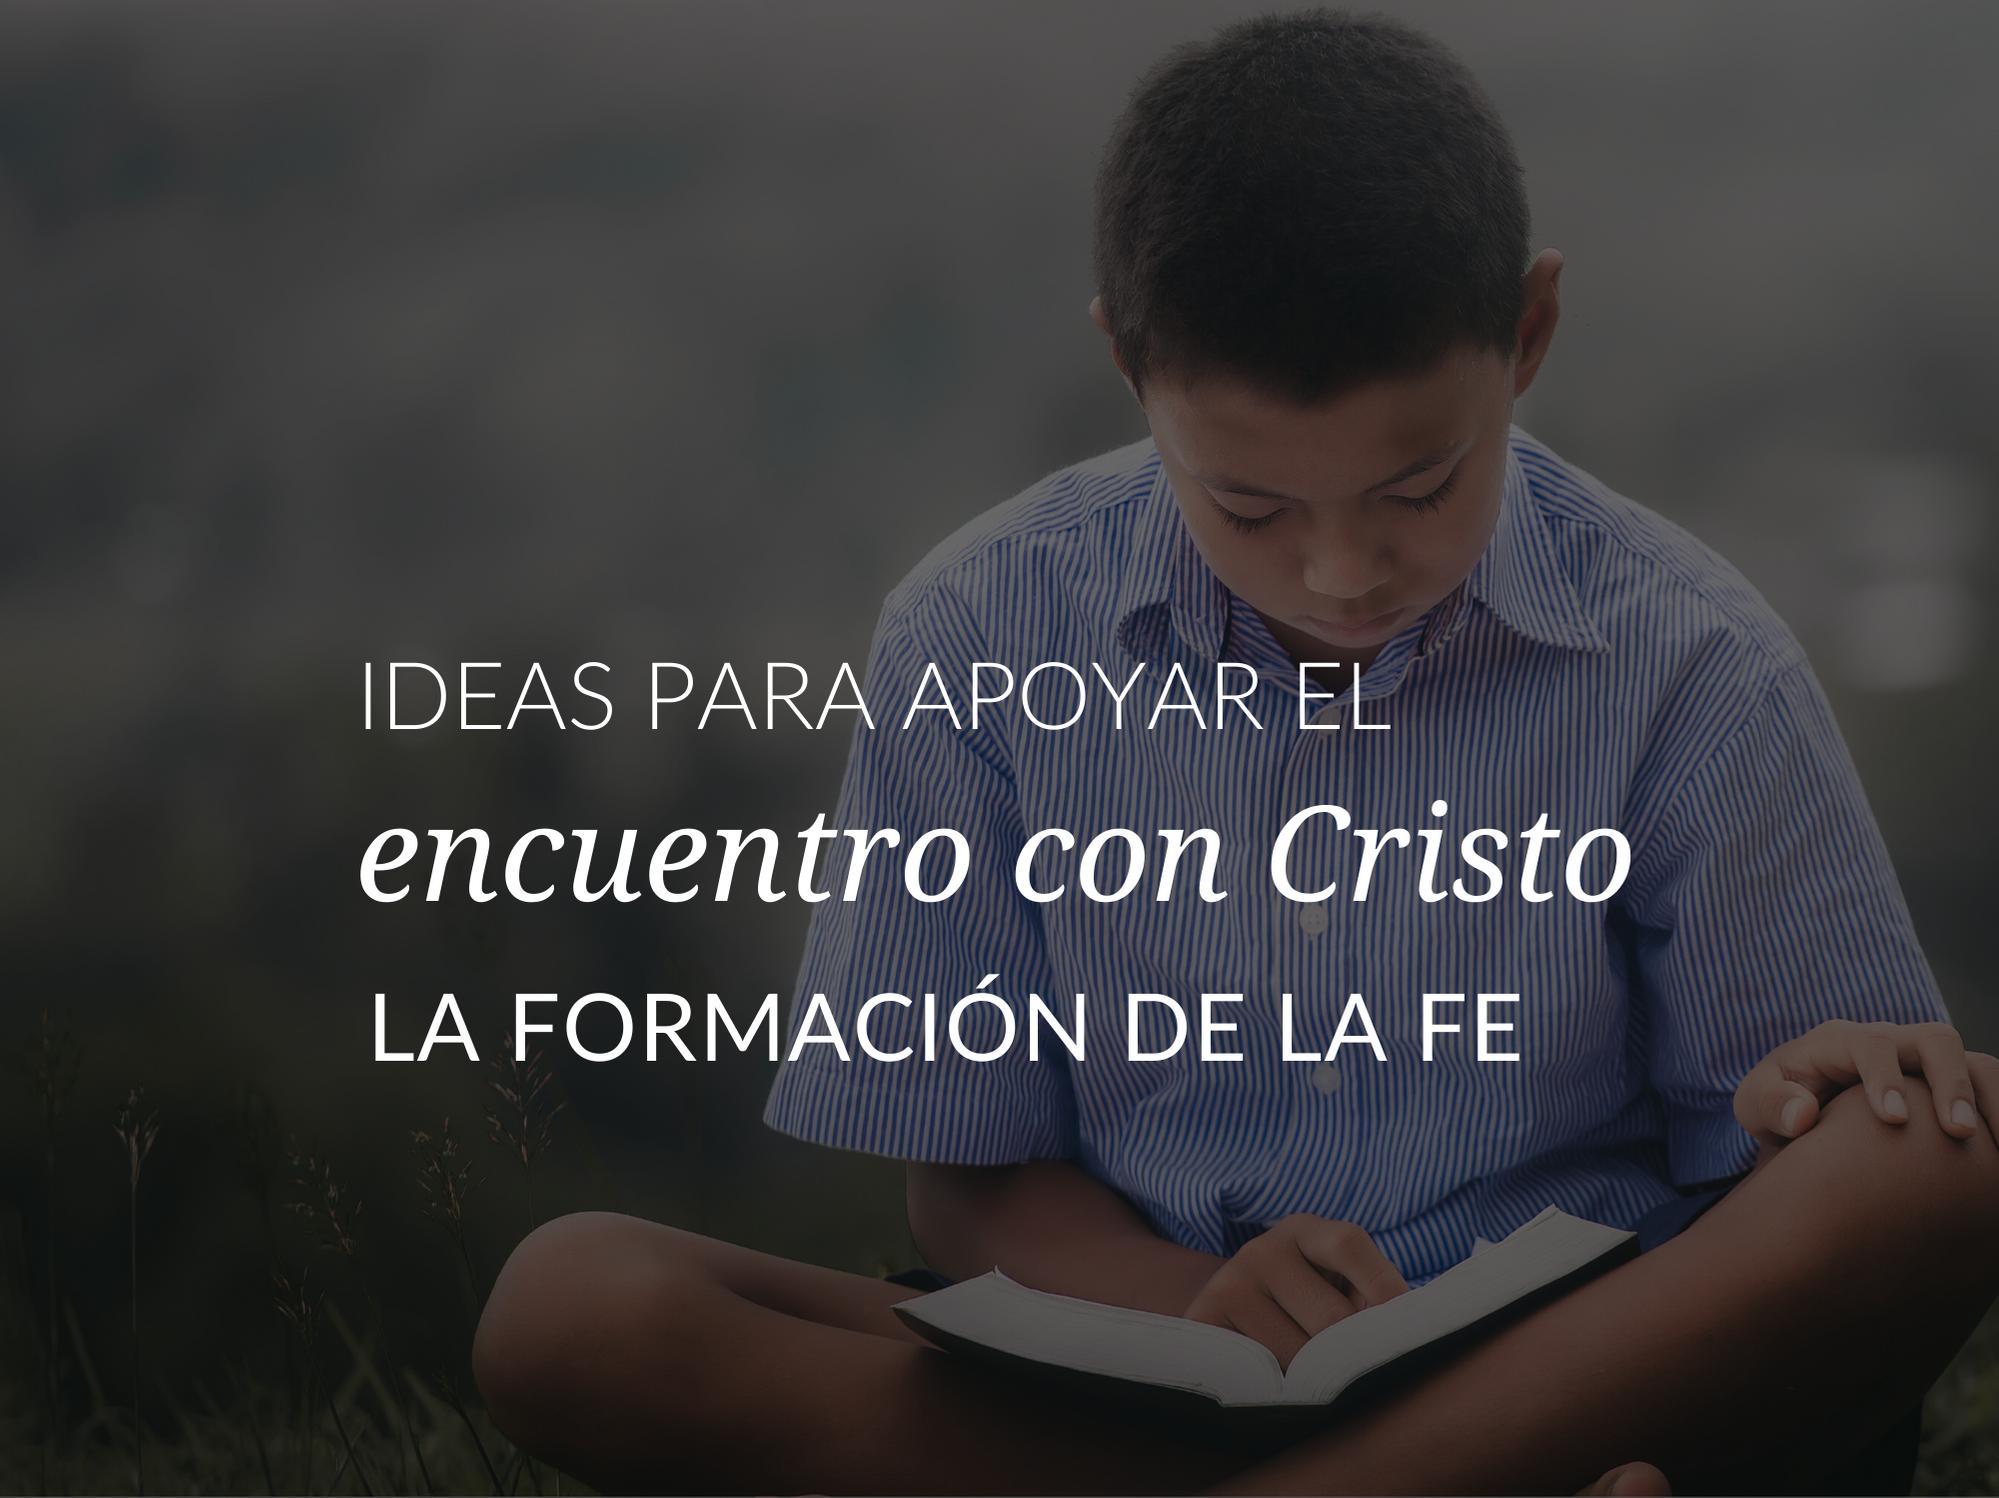 Ideas para apoyar el encuentro con Cristo en la formacion de la fe